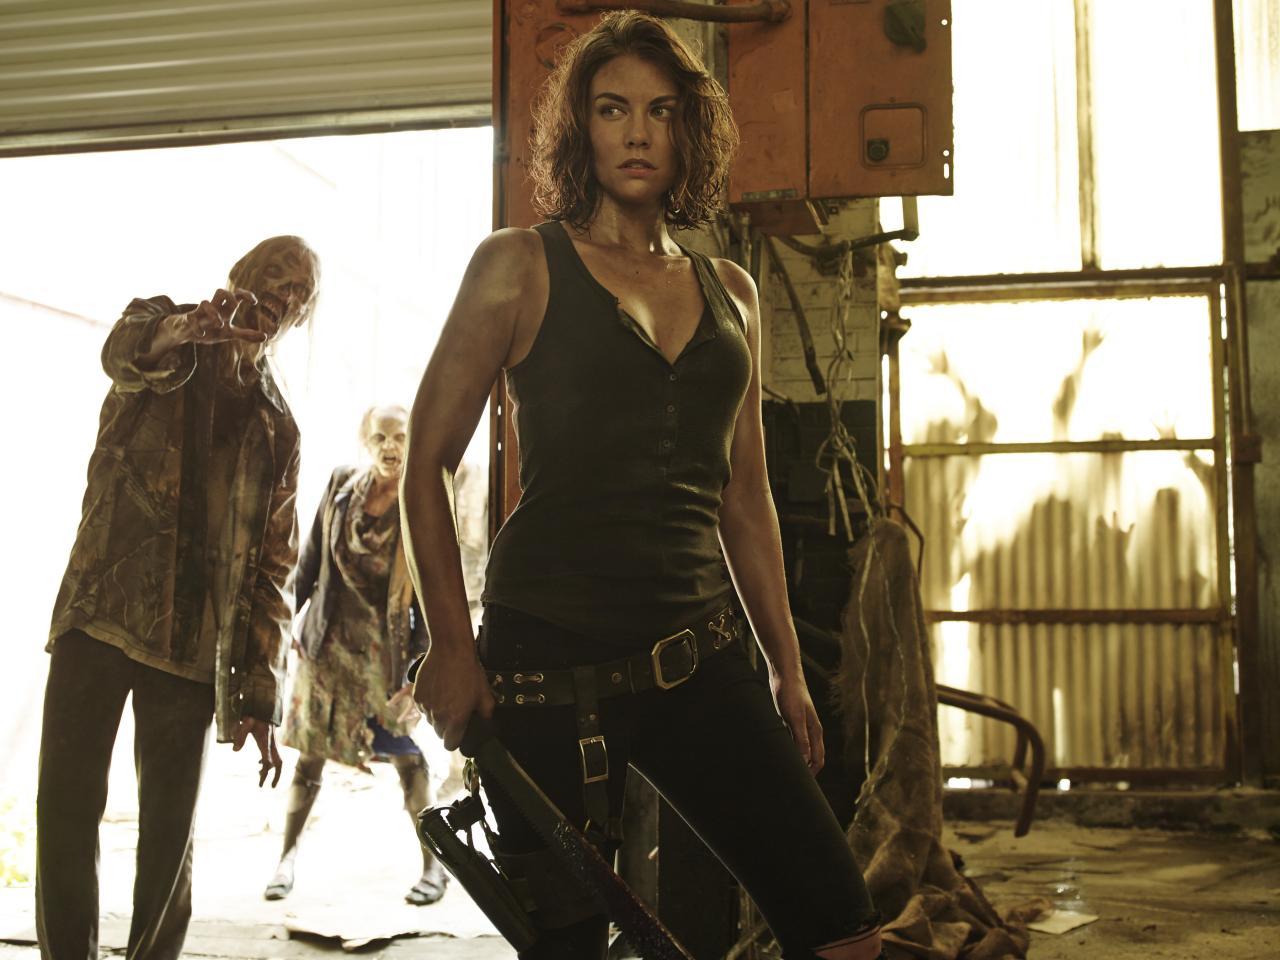 Lauren-Cohan-Das-Mädchen-Du-brauchst-in-deinem-Team-Überleben-a-Zombie-Apokalypse-3